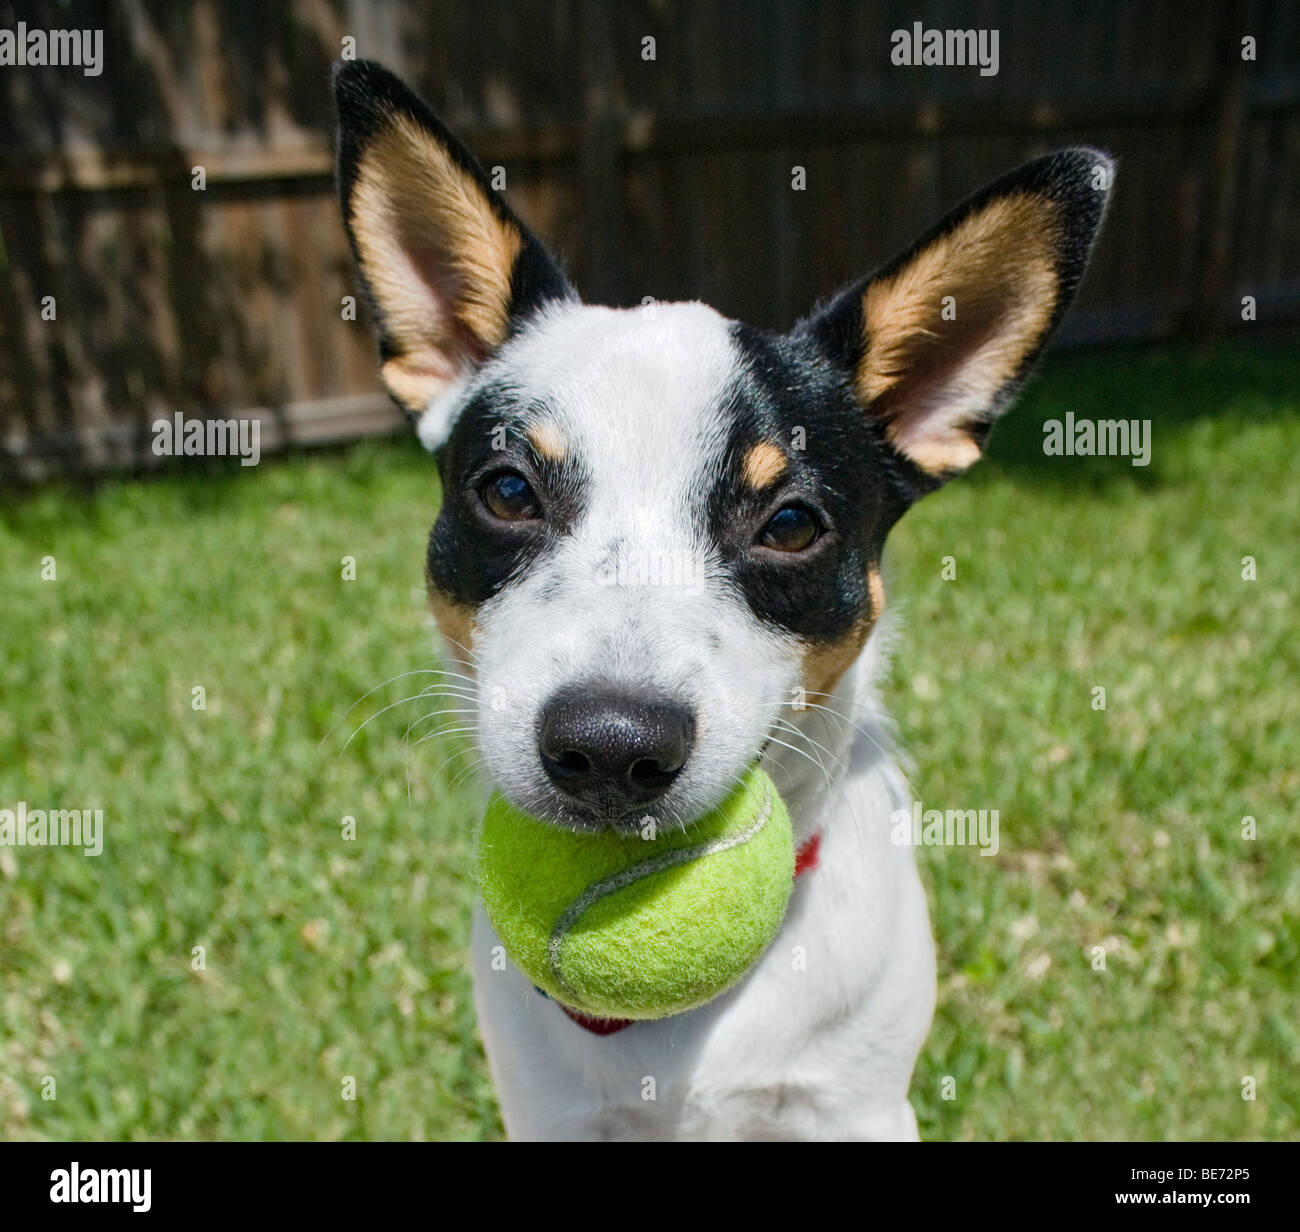 Rat Terrier cucciolo giocando con la palla da tennis in un cortile Immagini Stock